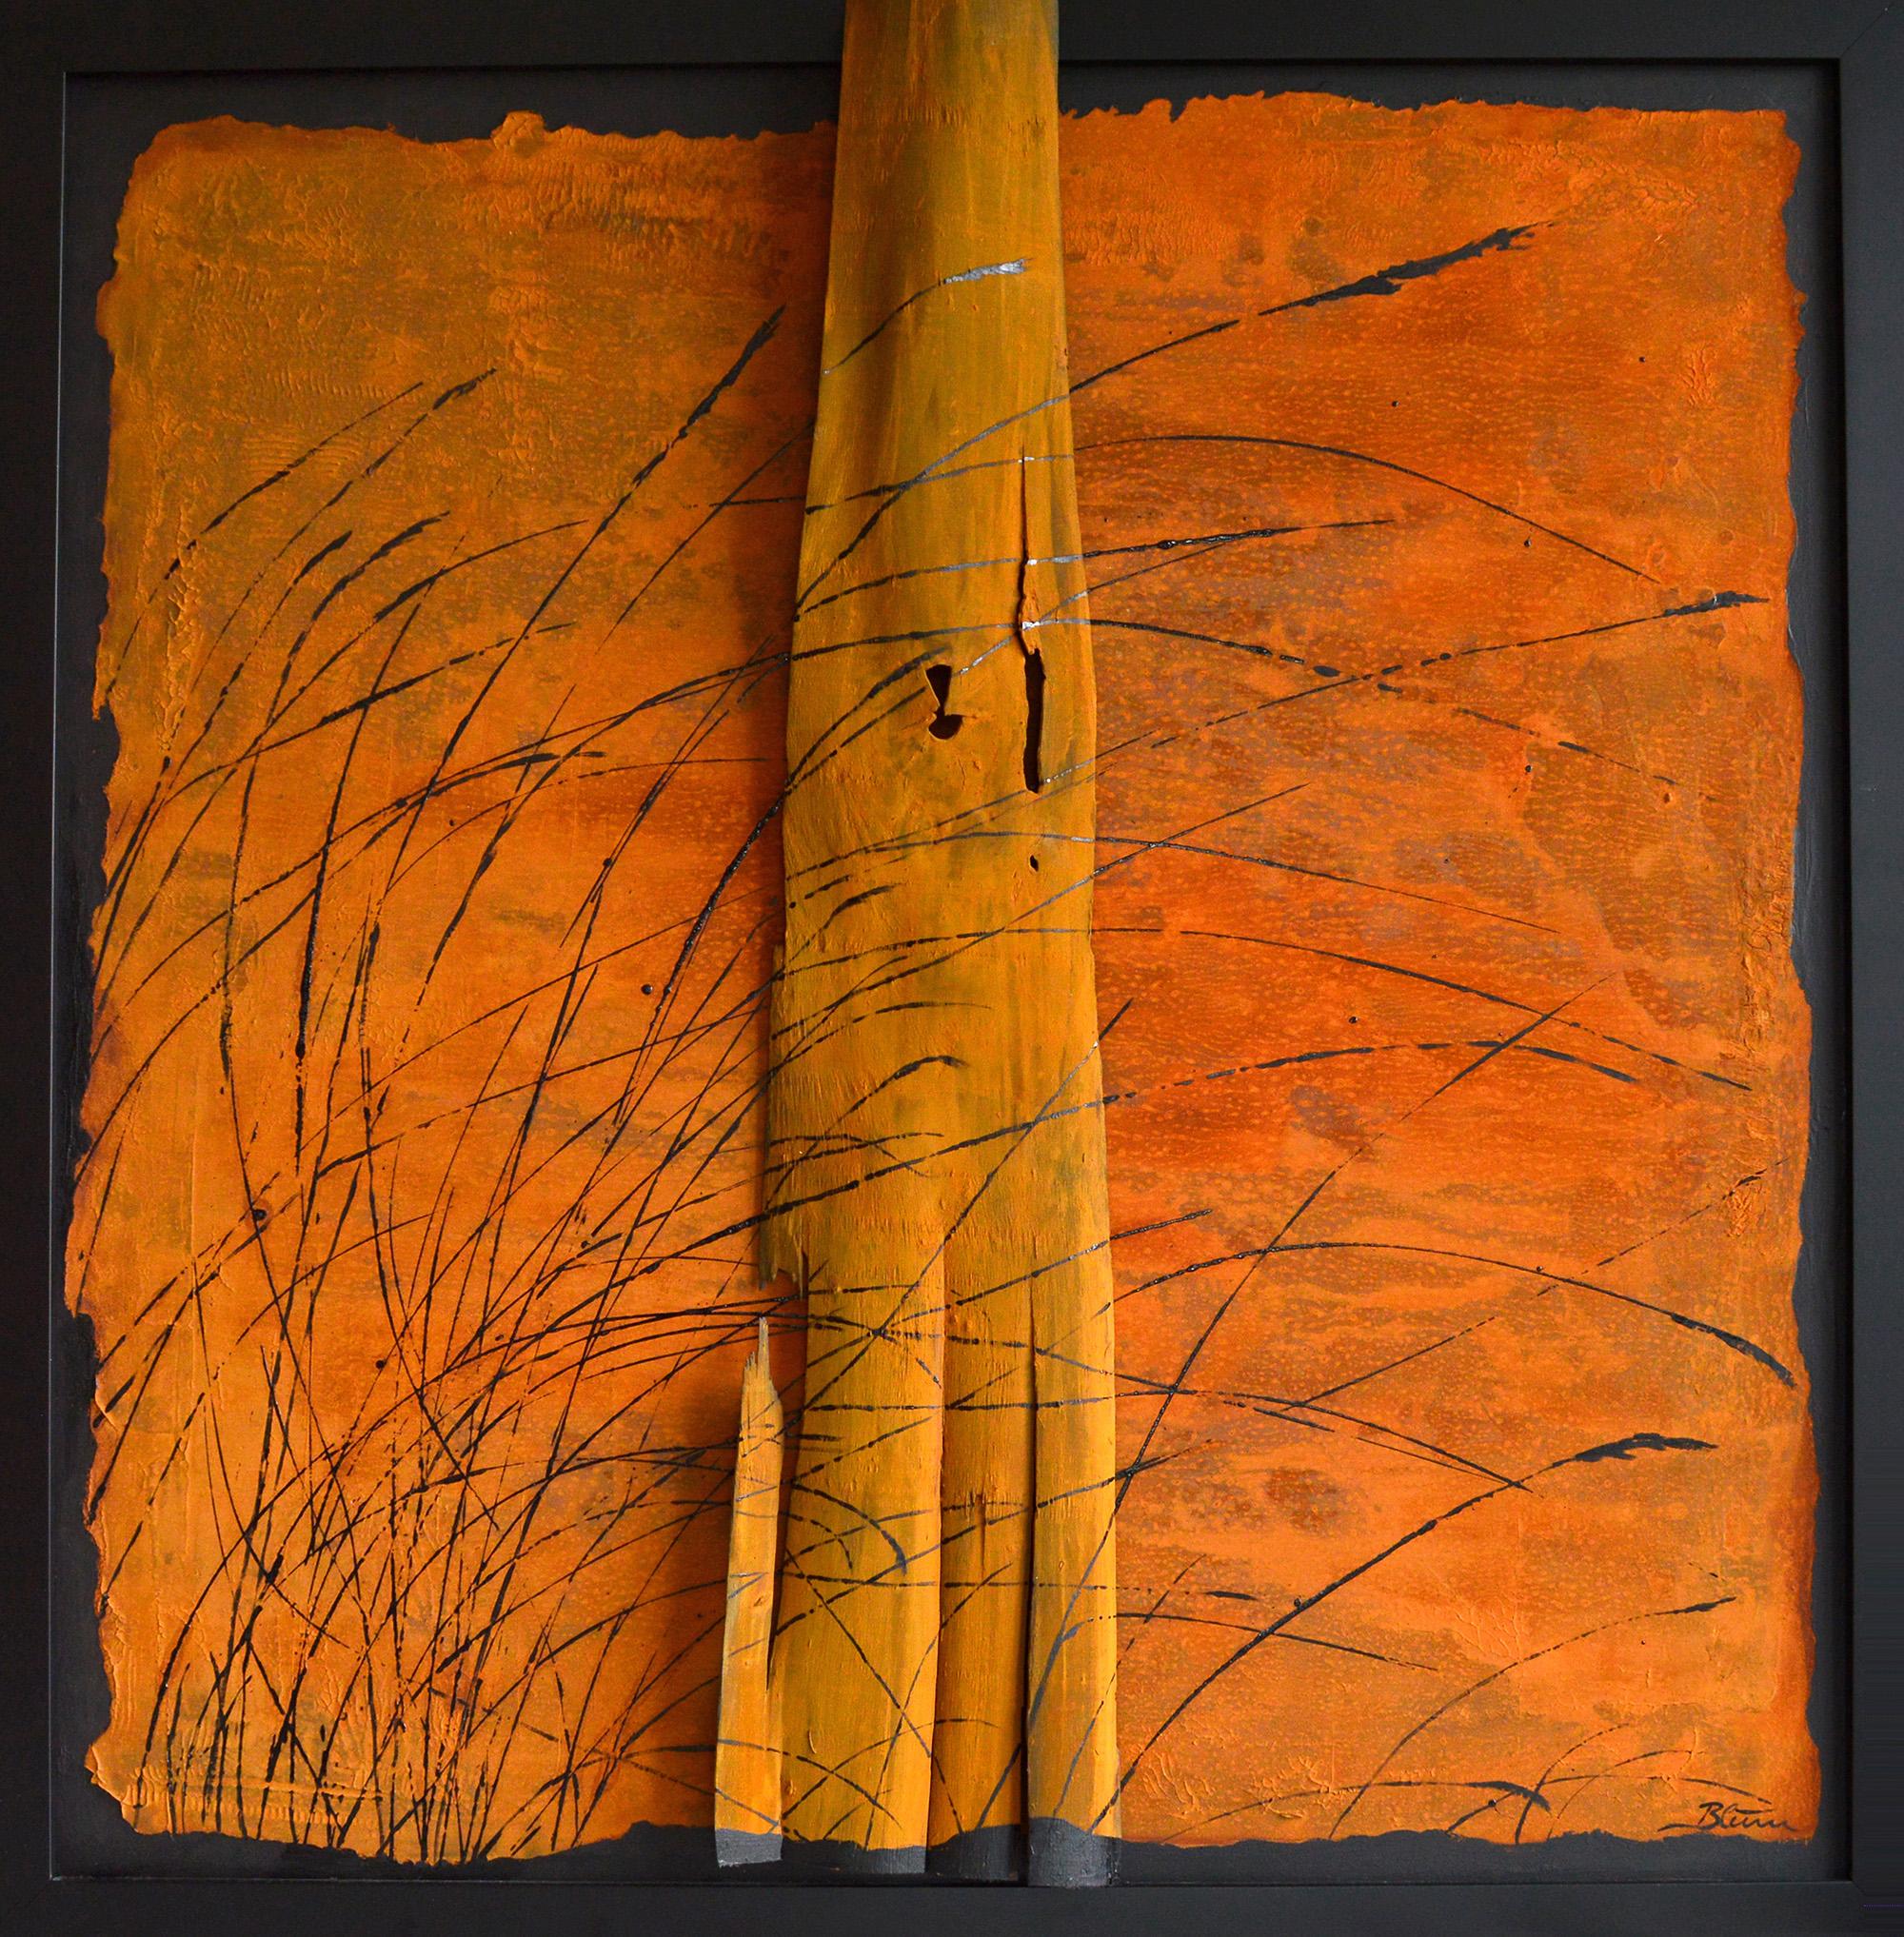 Barfuß, 100 x 100 cm, Rost, Holz, Lack/Holz